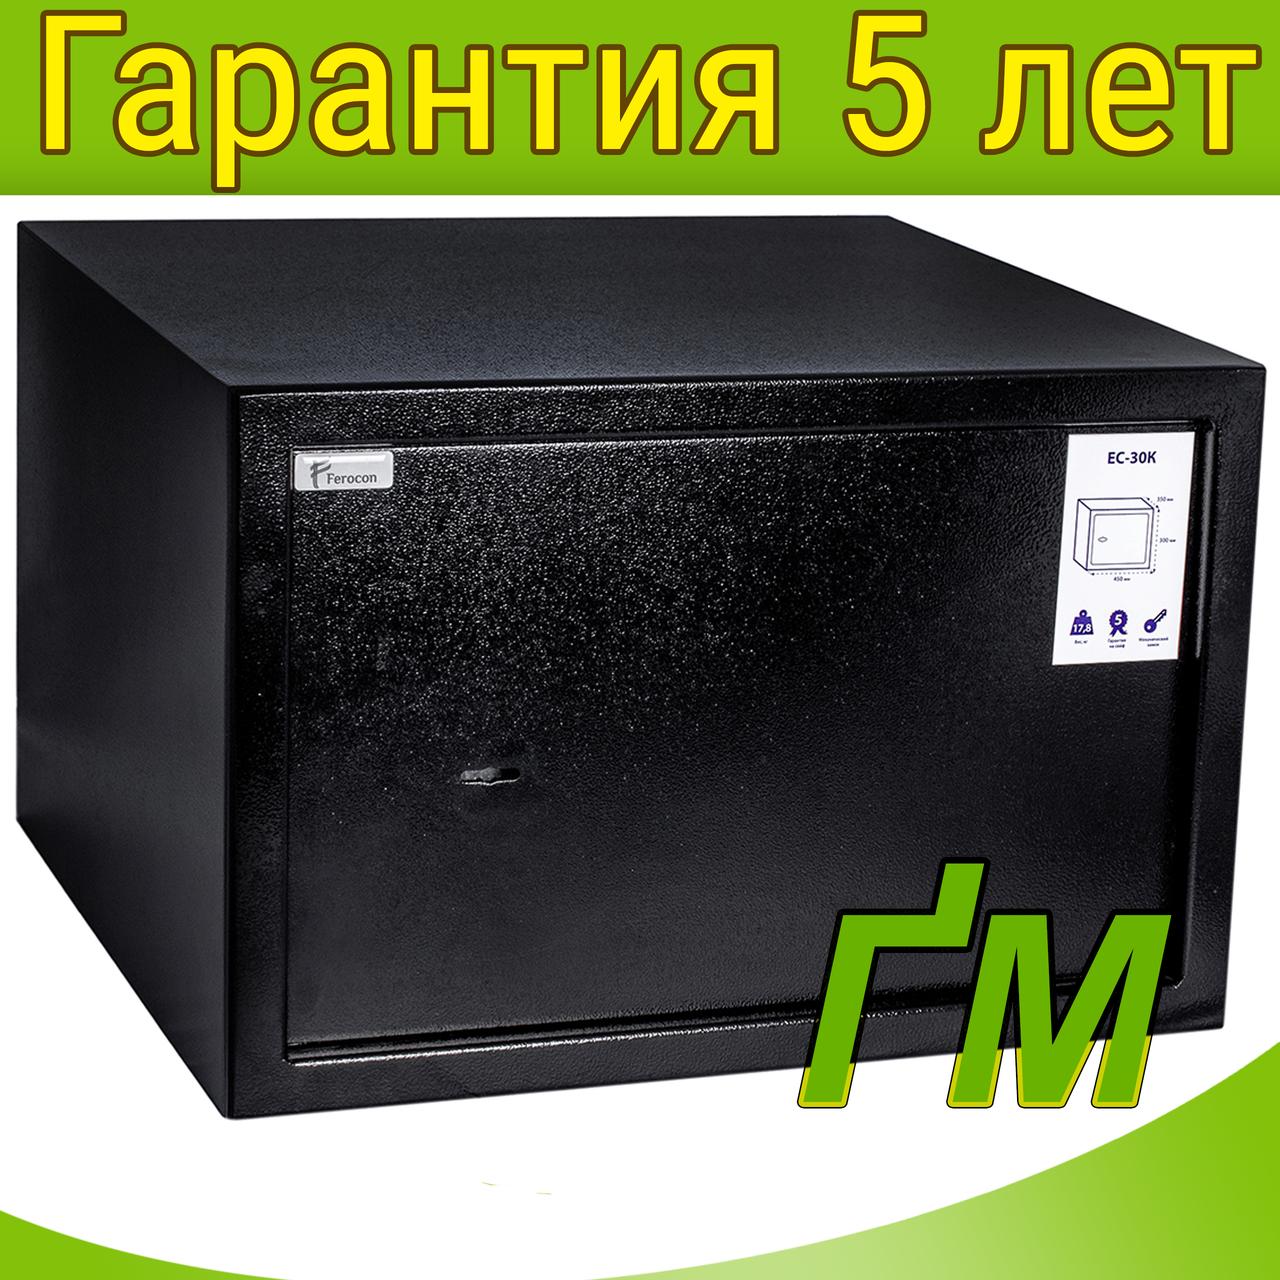 Сейф мебельный ЕС-30К.9005 (300х450х350мм)